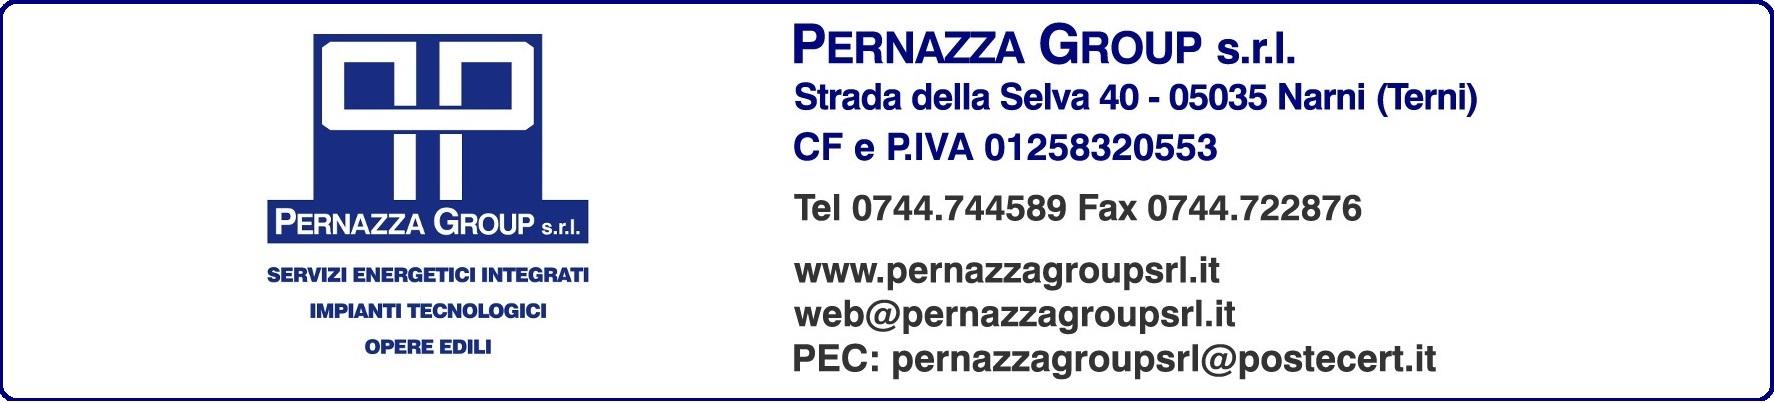 Pernazza Group - Impiantistica, Ristrutturazioni - Narni/Terni (Umbria)